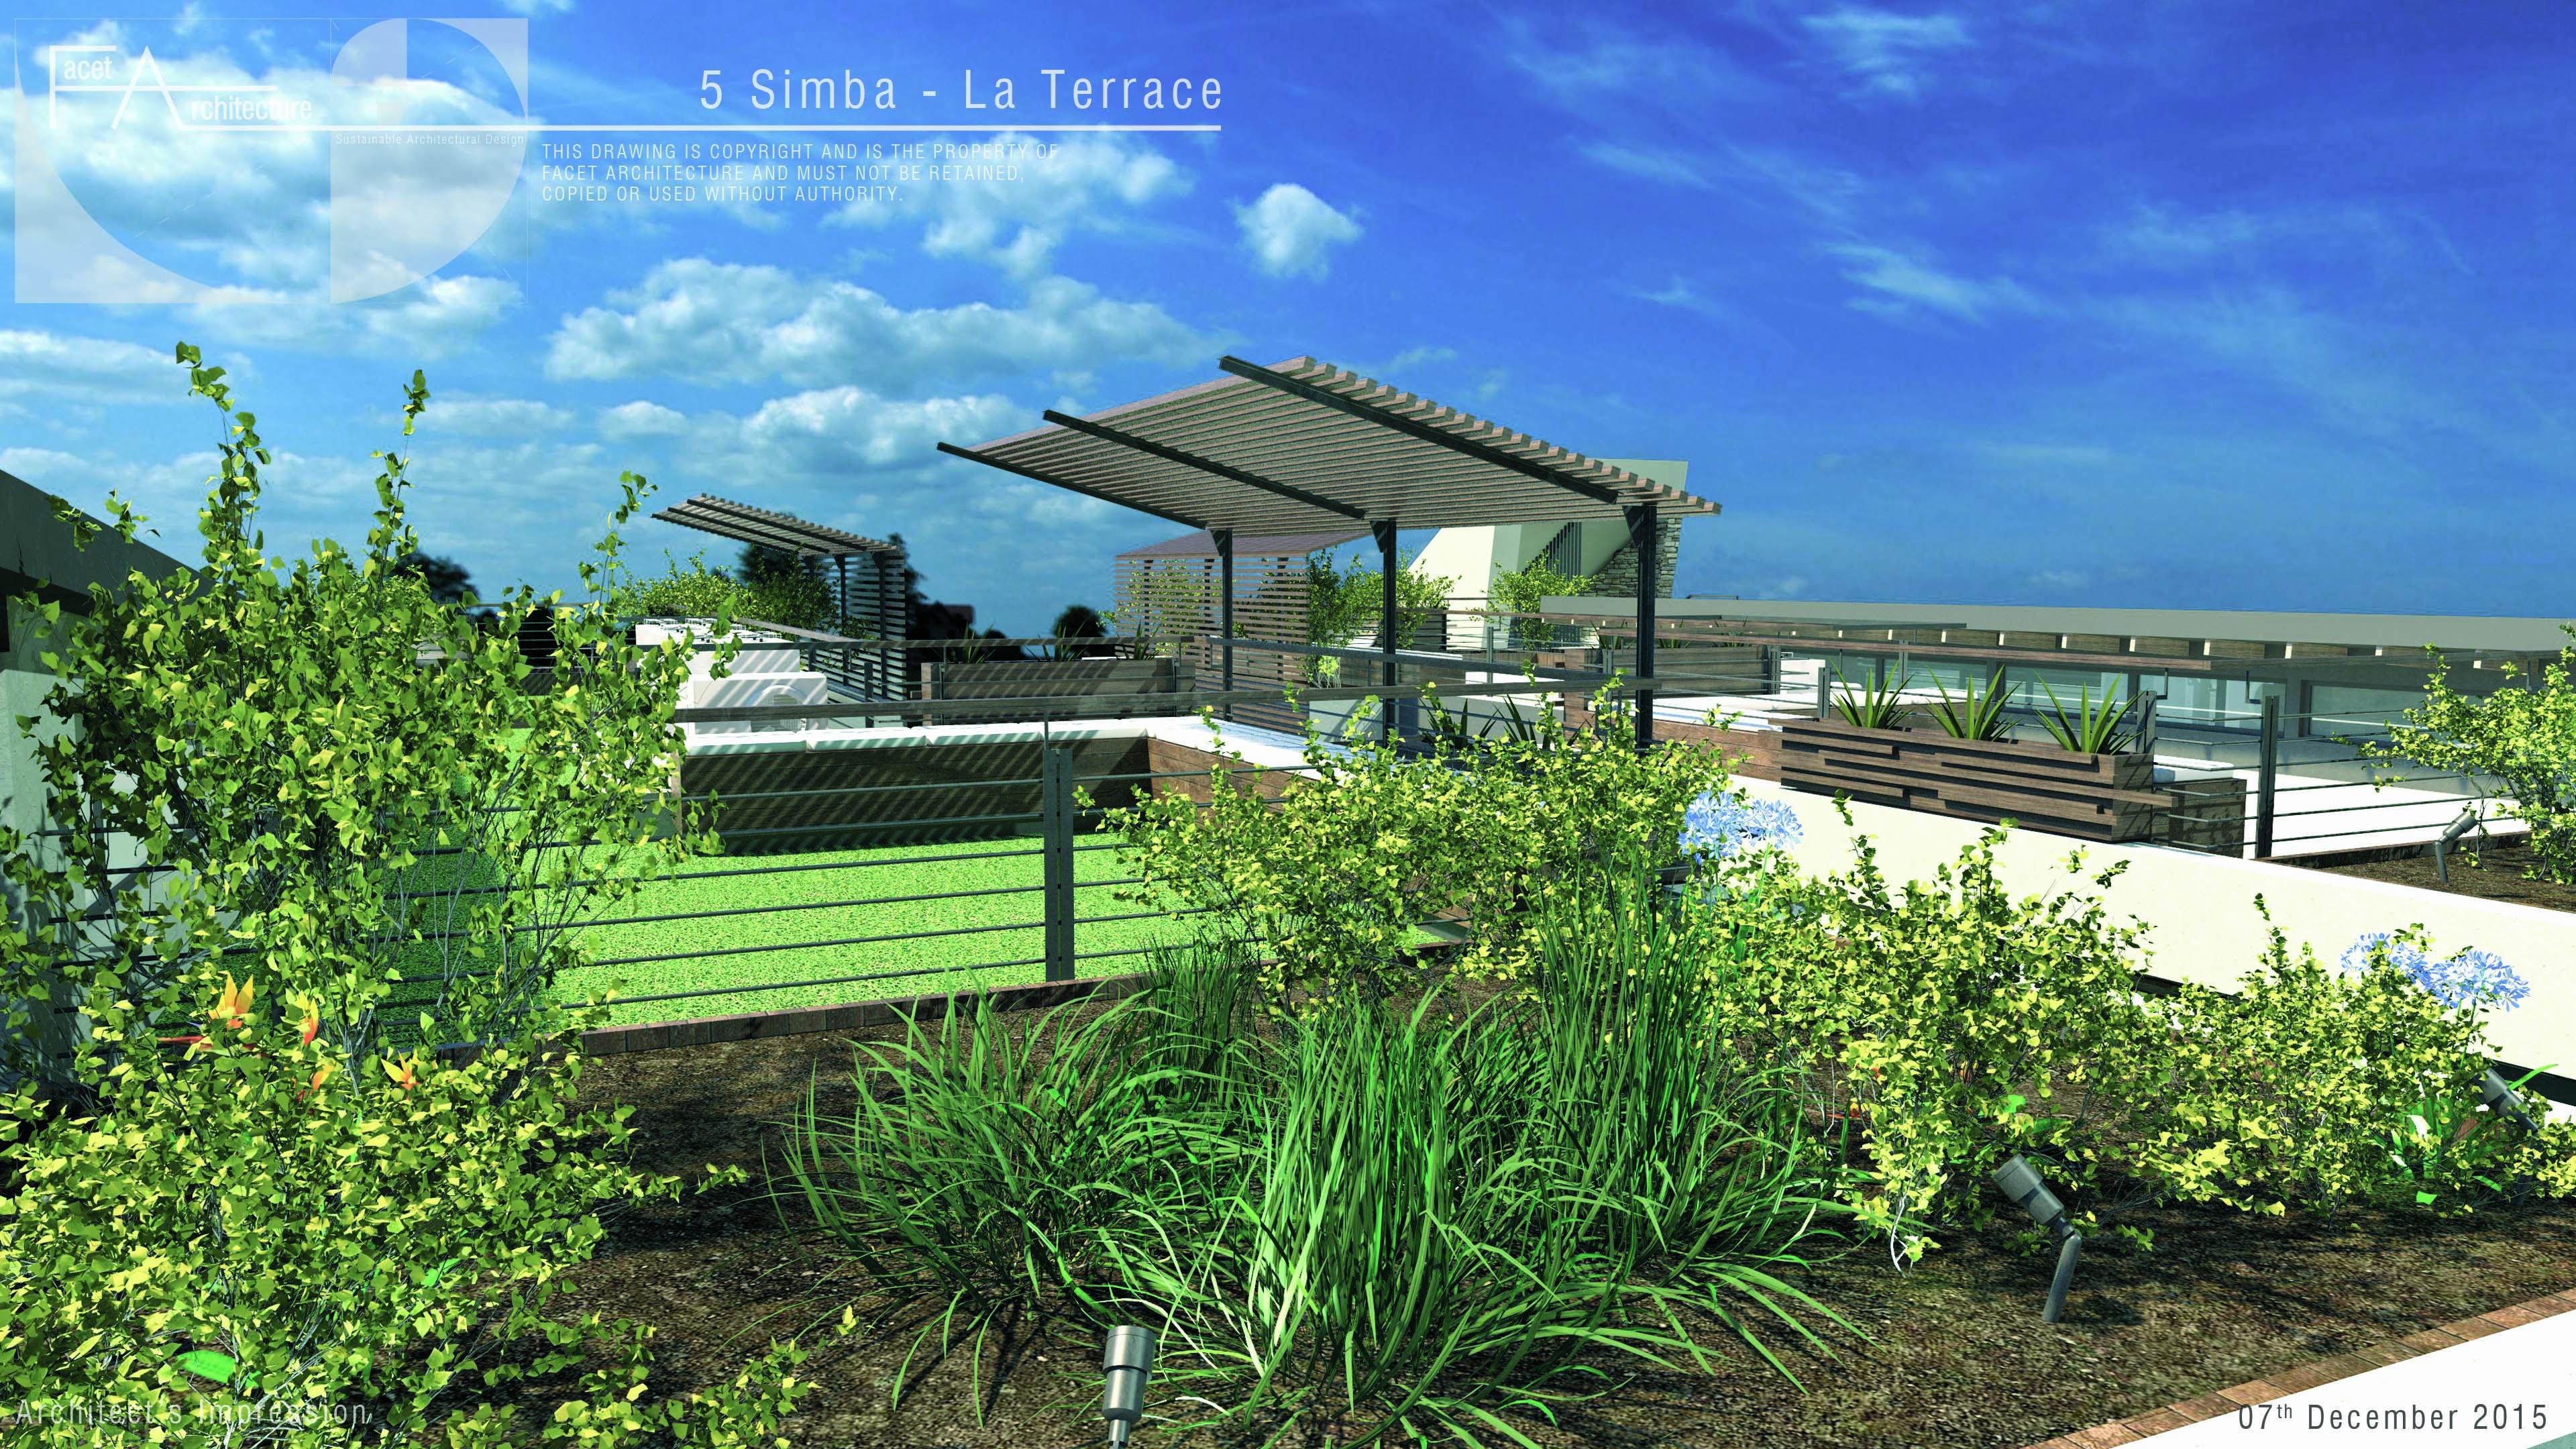 2015-12-07 FA15-21 5 Simba (Render - Roof Terrace)